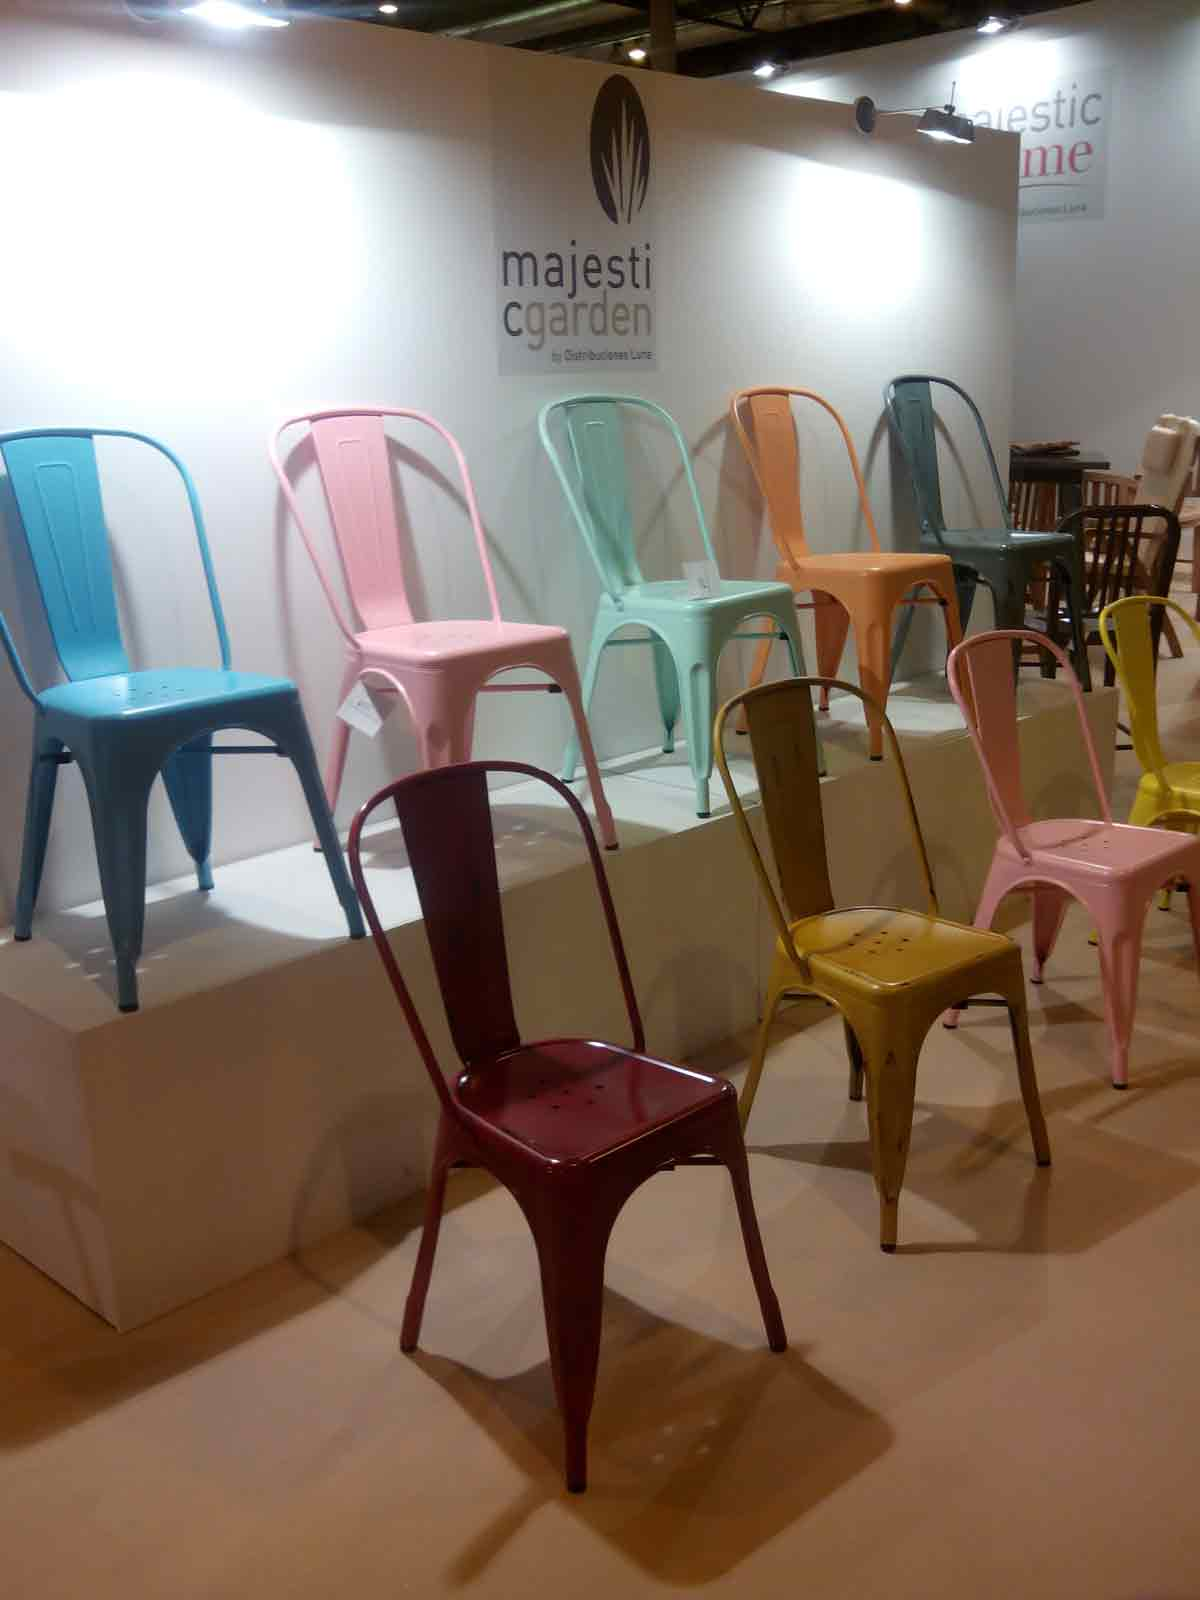 silla-vintage-colores